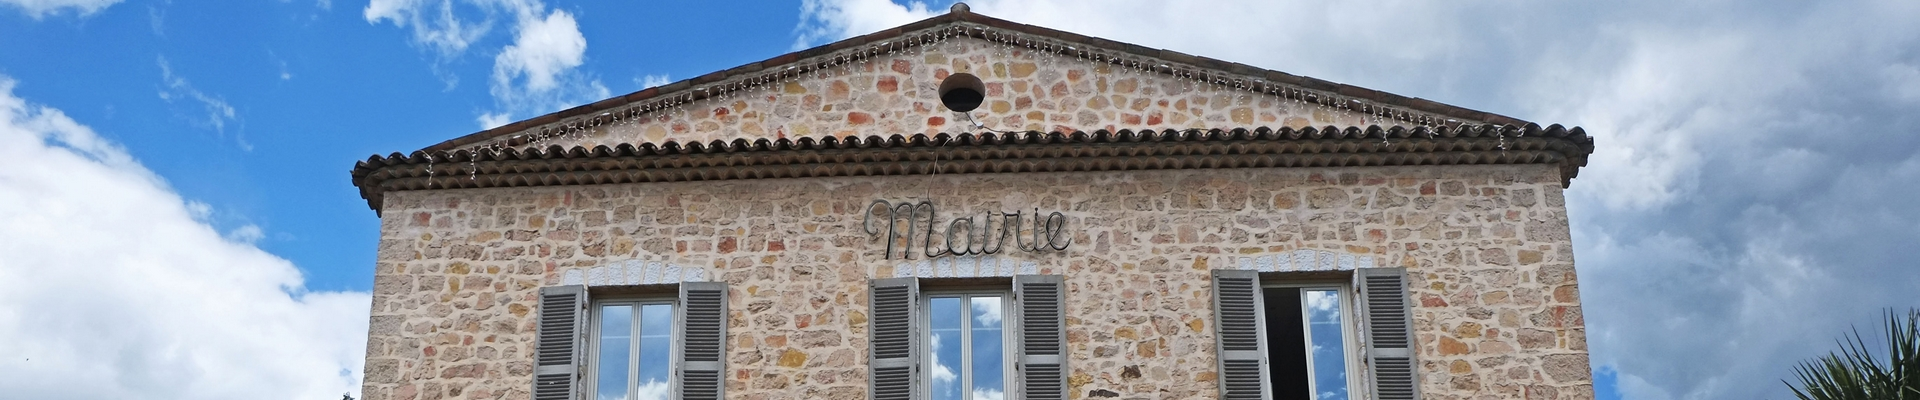 Bandeau fronton Mairie Le Rrouret aujourdhui